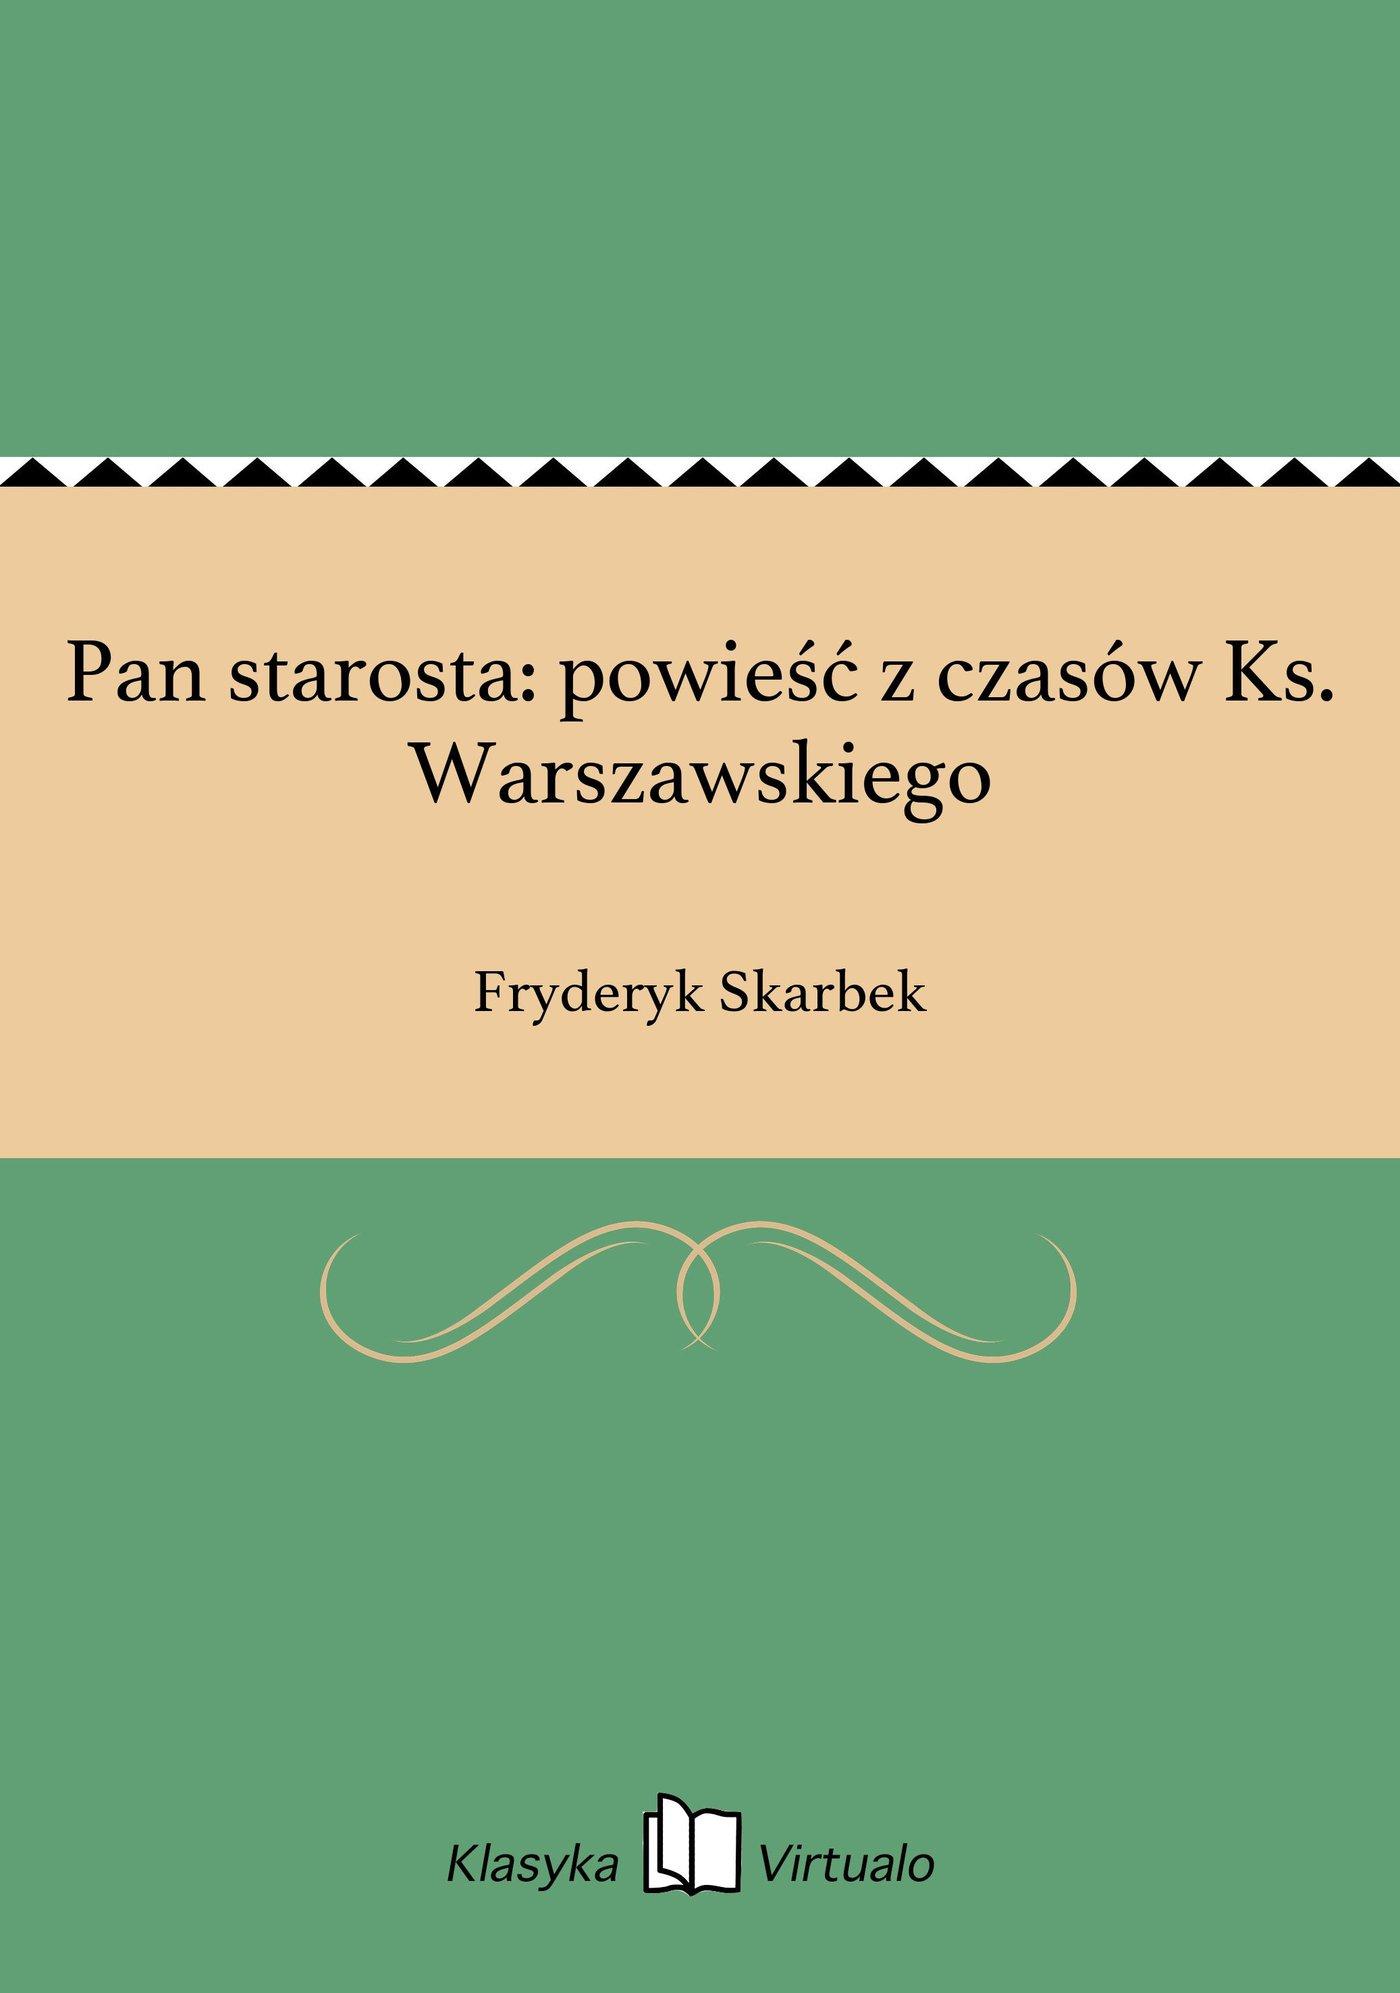 Pan starosta: powieść z czasów Ks. Warszawskiego - Ebook (Książka EPUB) do pobrania w formacie EPUB